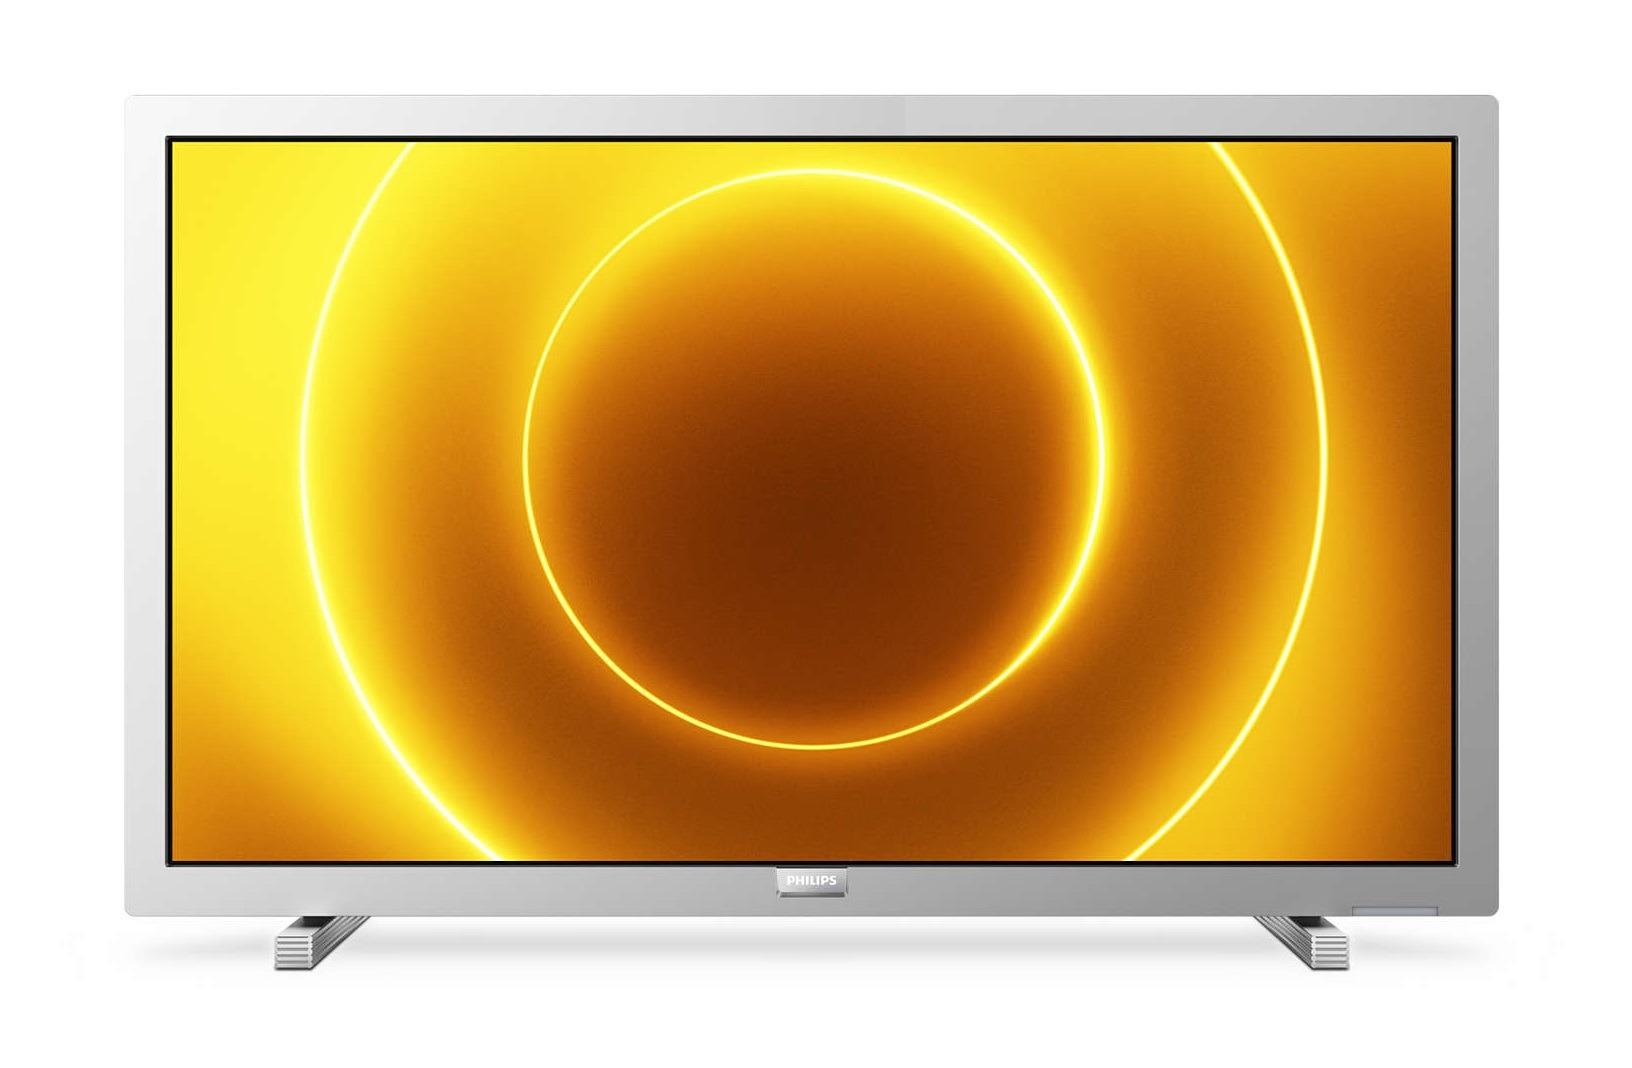 Korting Philips 24PFS5525 12 LED TV